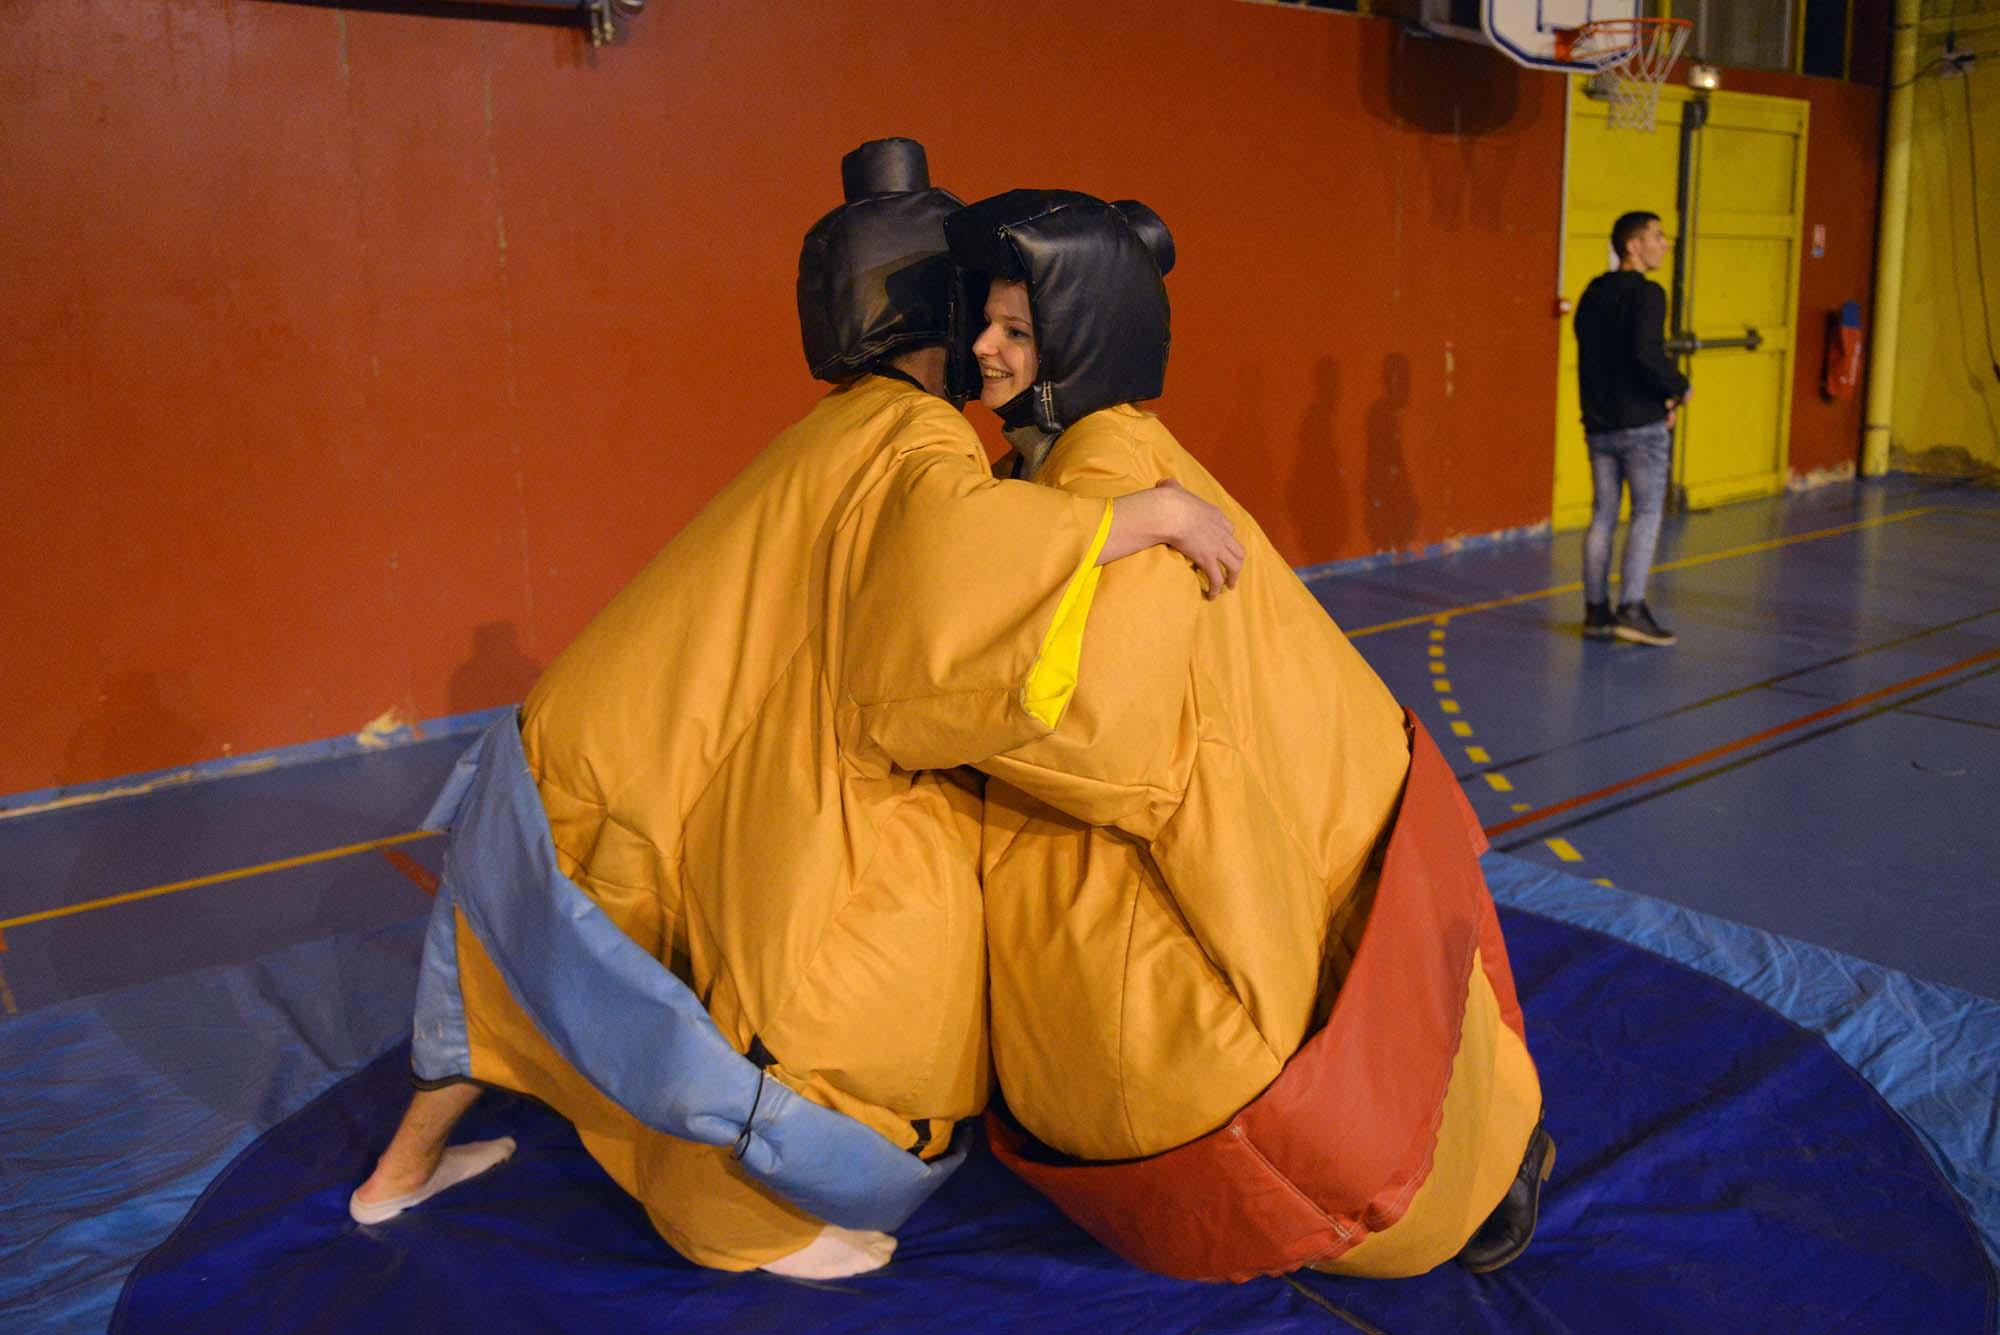 Un combat de sumo entre des étudiants. (©Ville de Saint-Nazaire - Christian Robert)